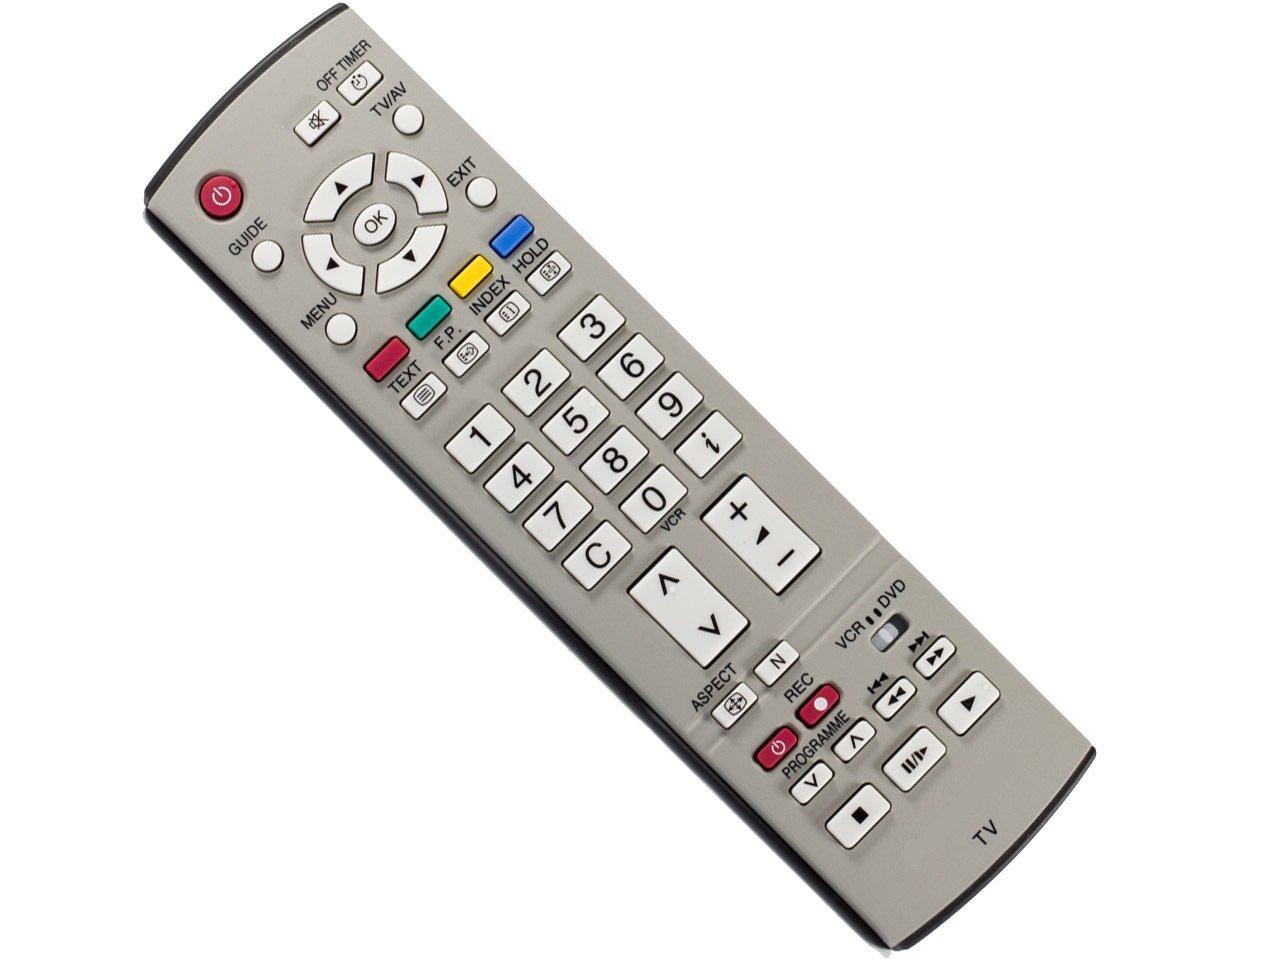 MANDO A DISTANCIA PARA PANASONIC VIERA TELEVISOR LCD DE PLASMA LED: Amazon.es: Electrónica